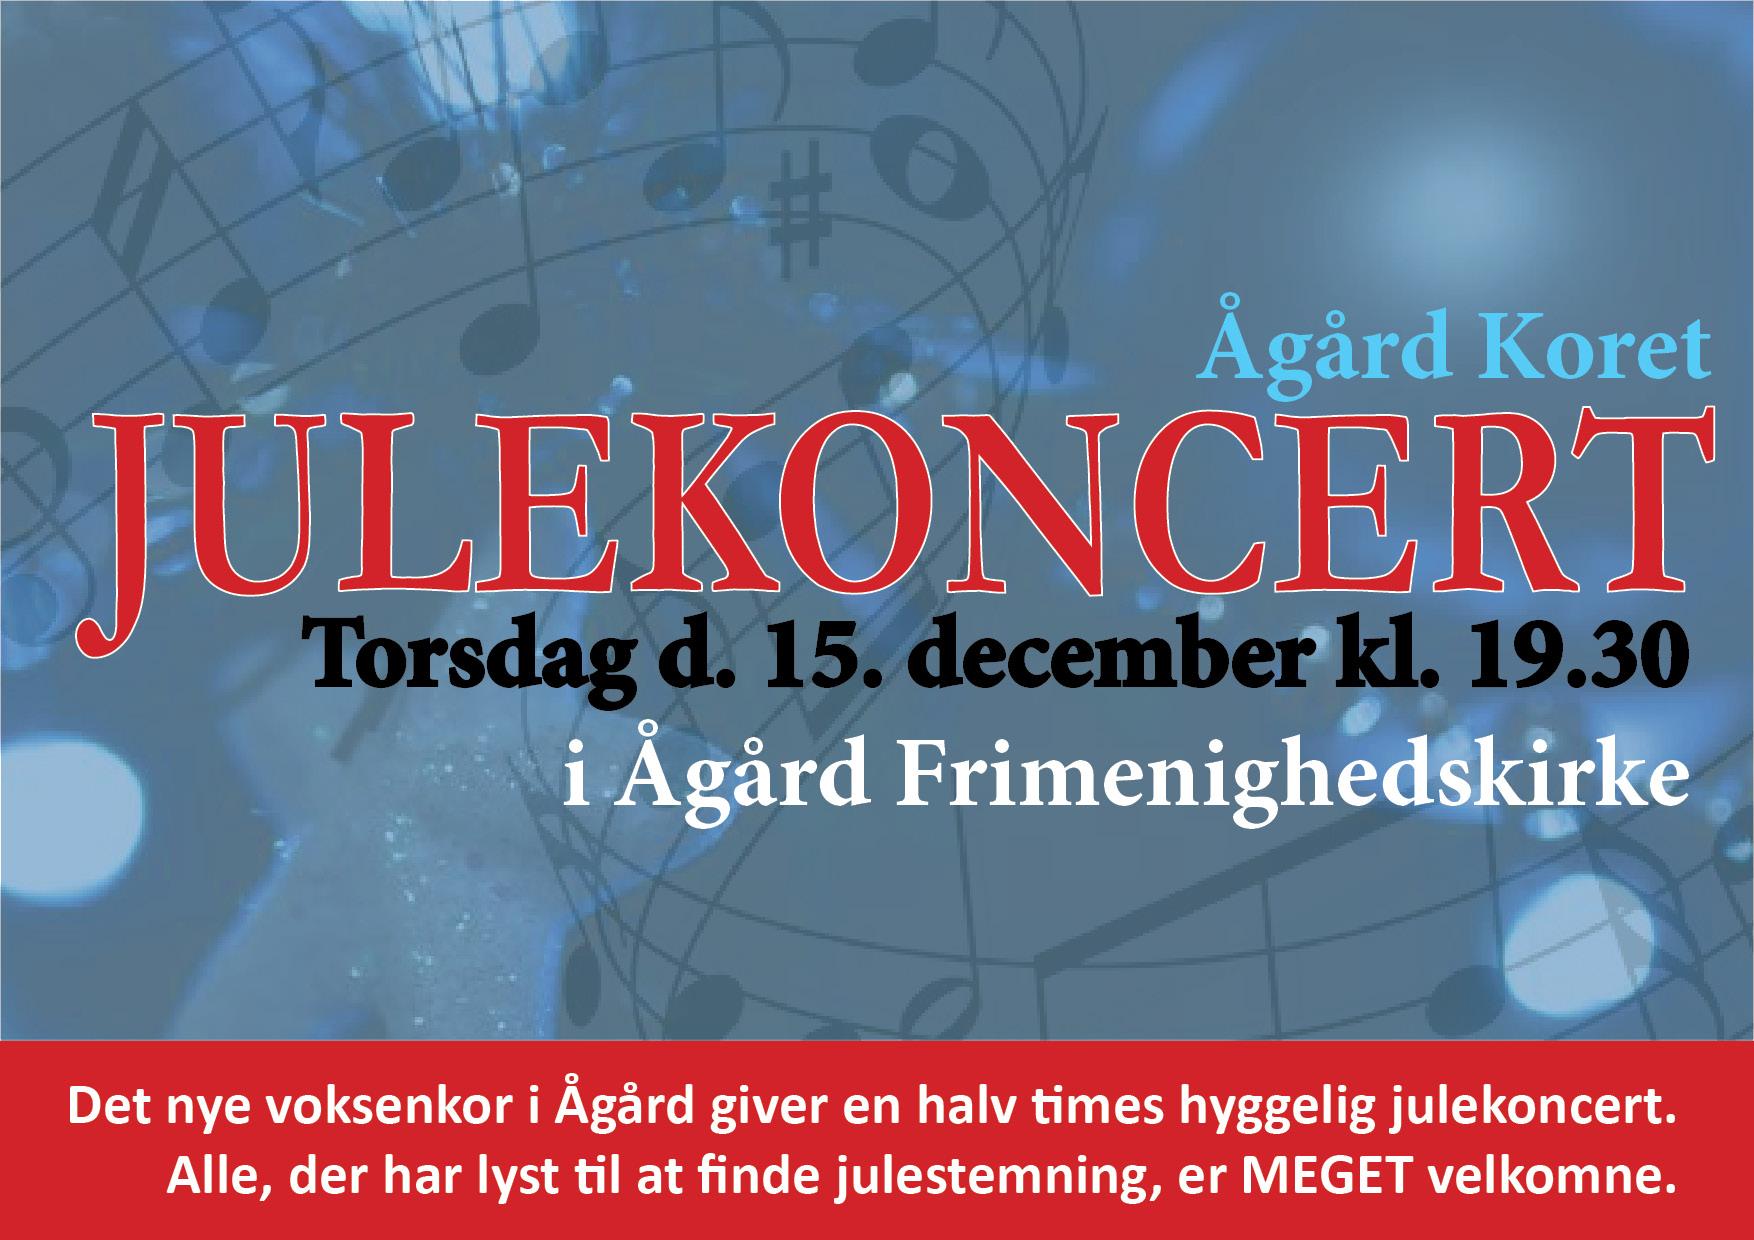 julekoncert_aagaard-koret